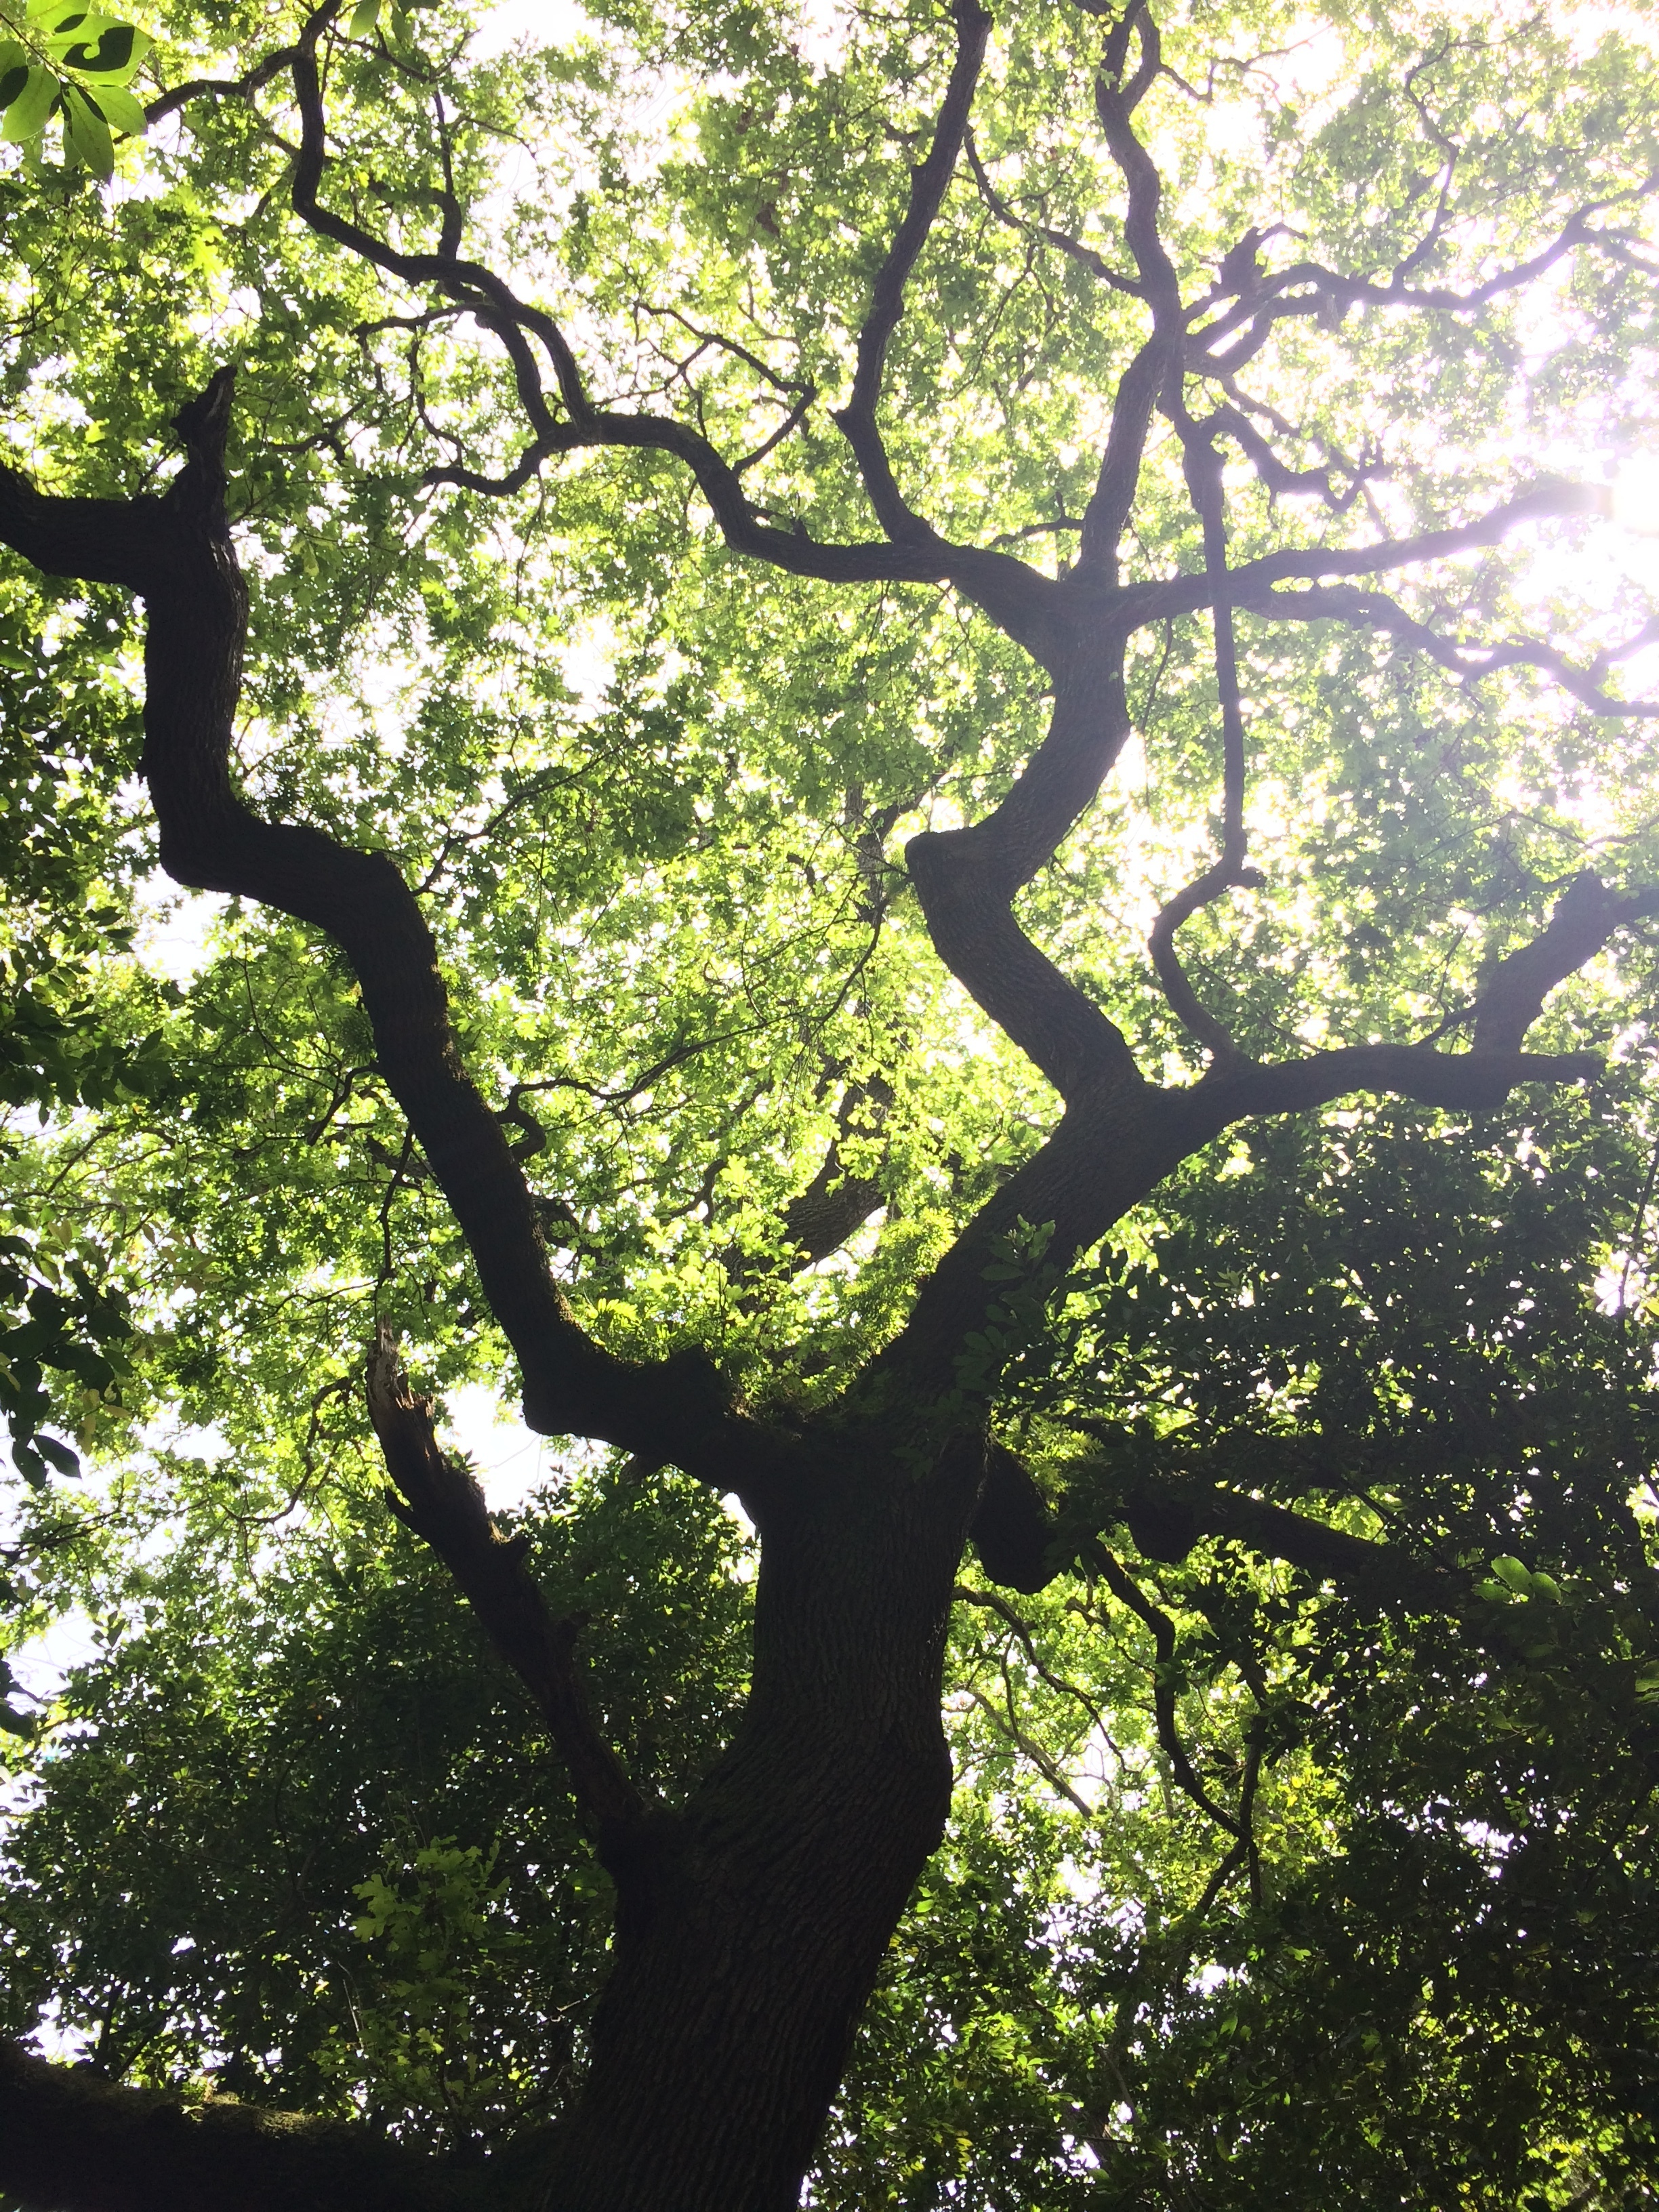 Myös luonto ja puut olivat kasvaneet alueella todella isoiksi, mikä toi toivomaa varjoa helteillä. Kuva: Mirva Rannisto